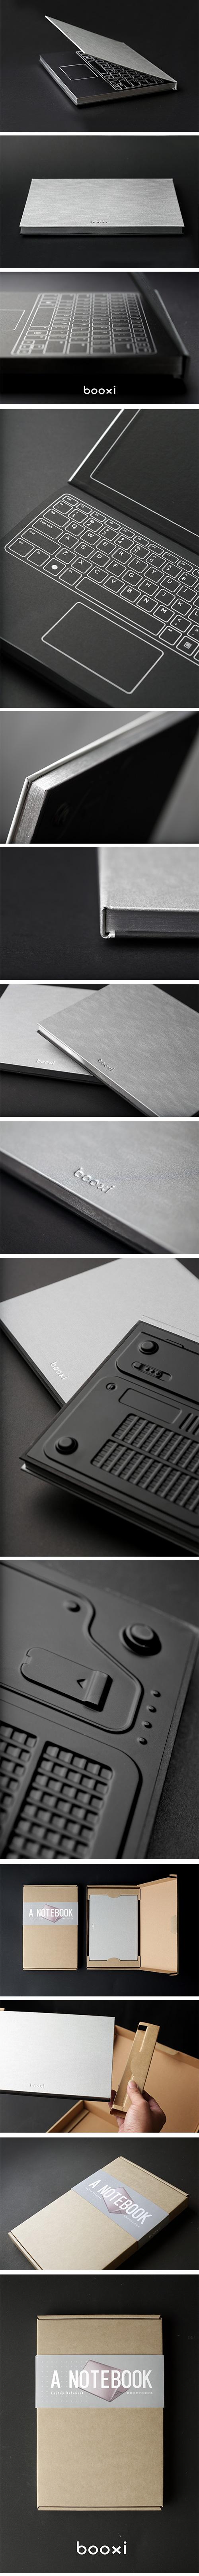 天晴設計 筆電造型筆記本 Laptop Notebook